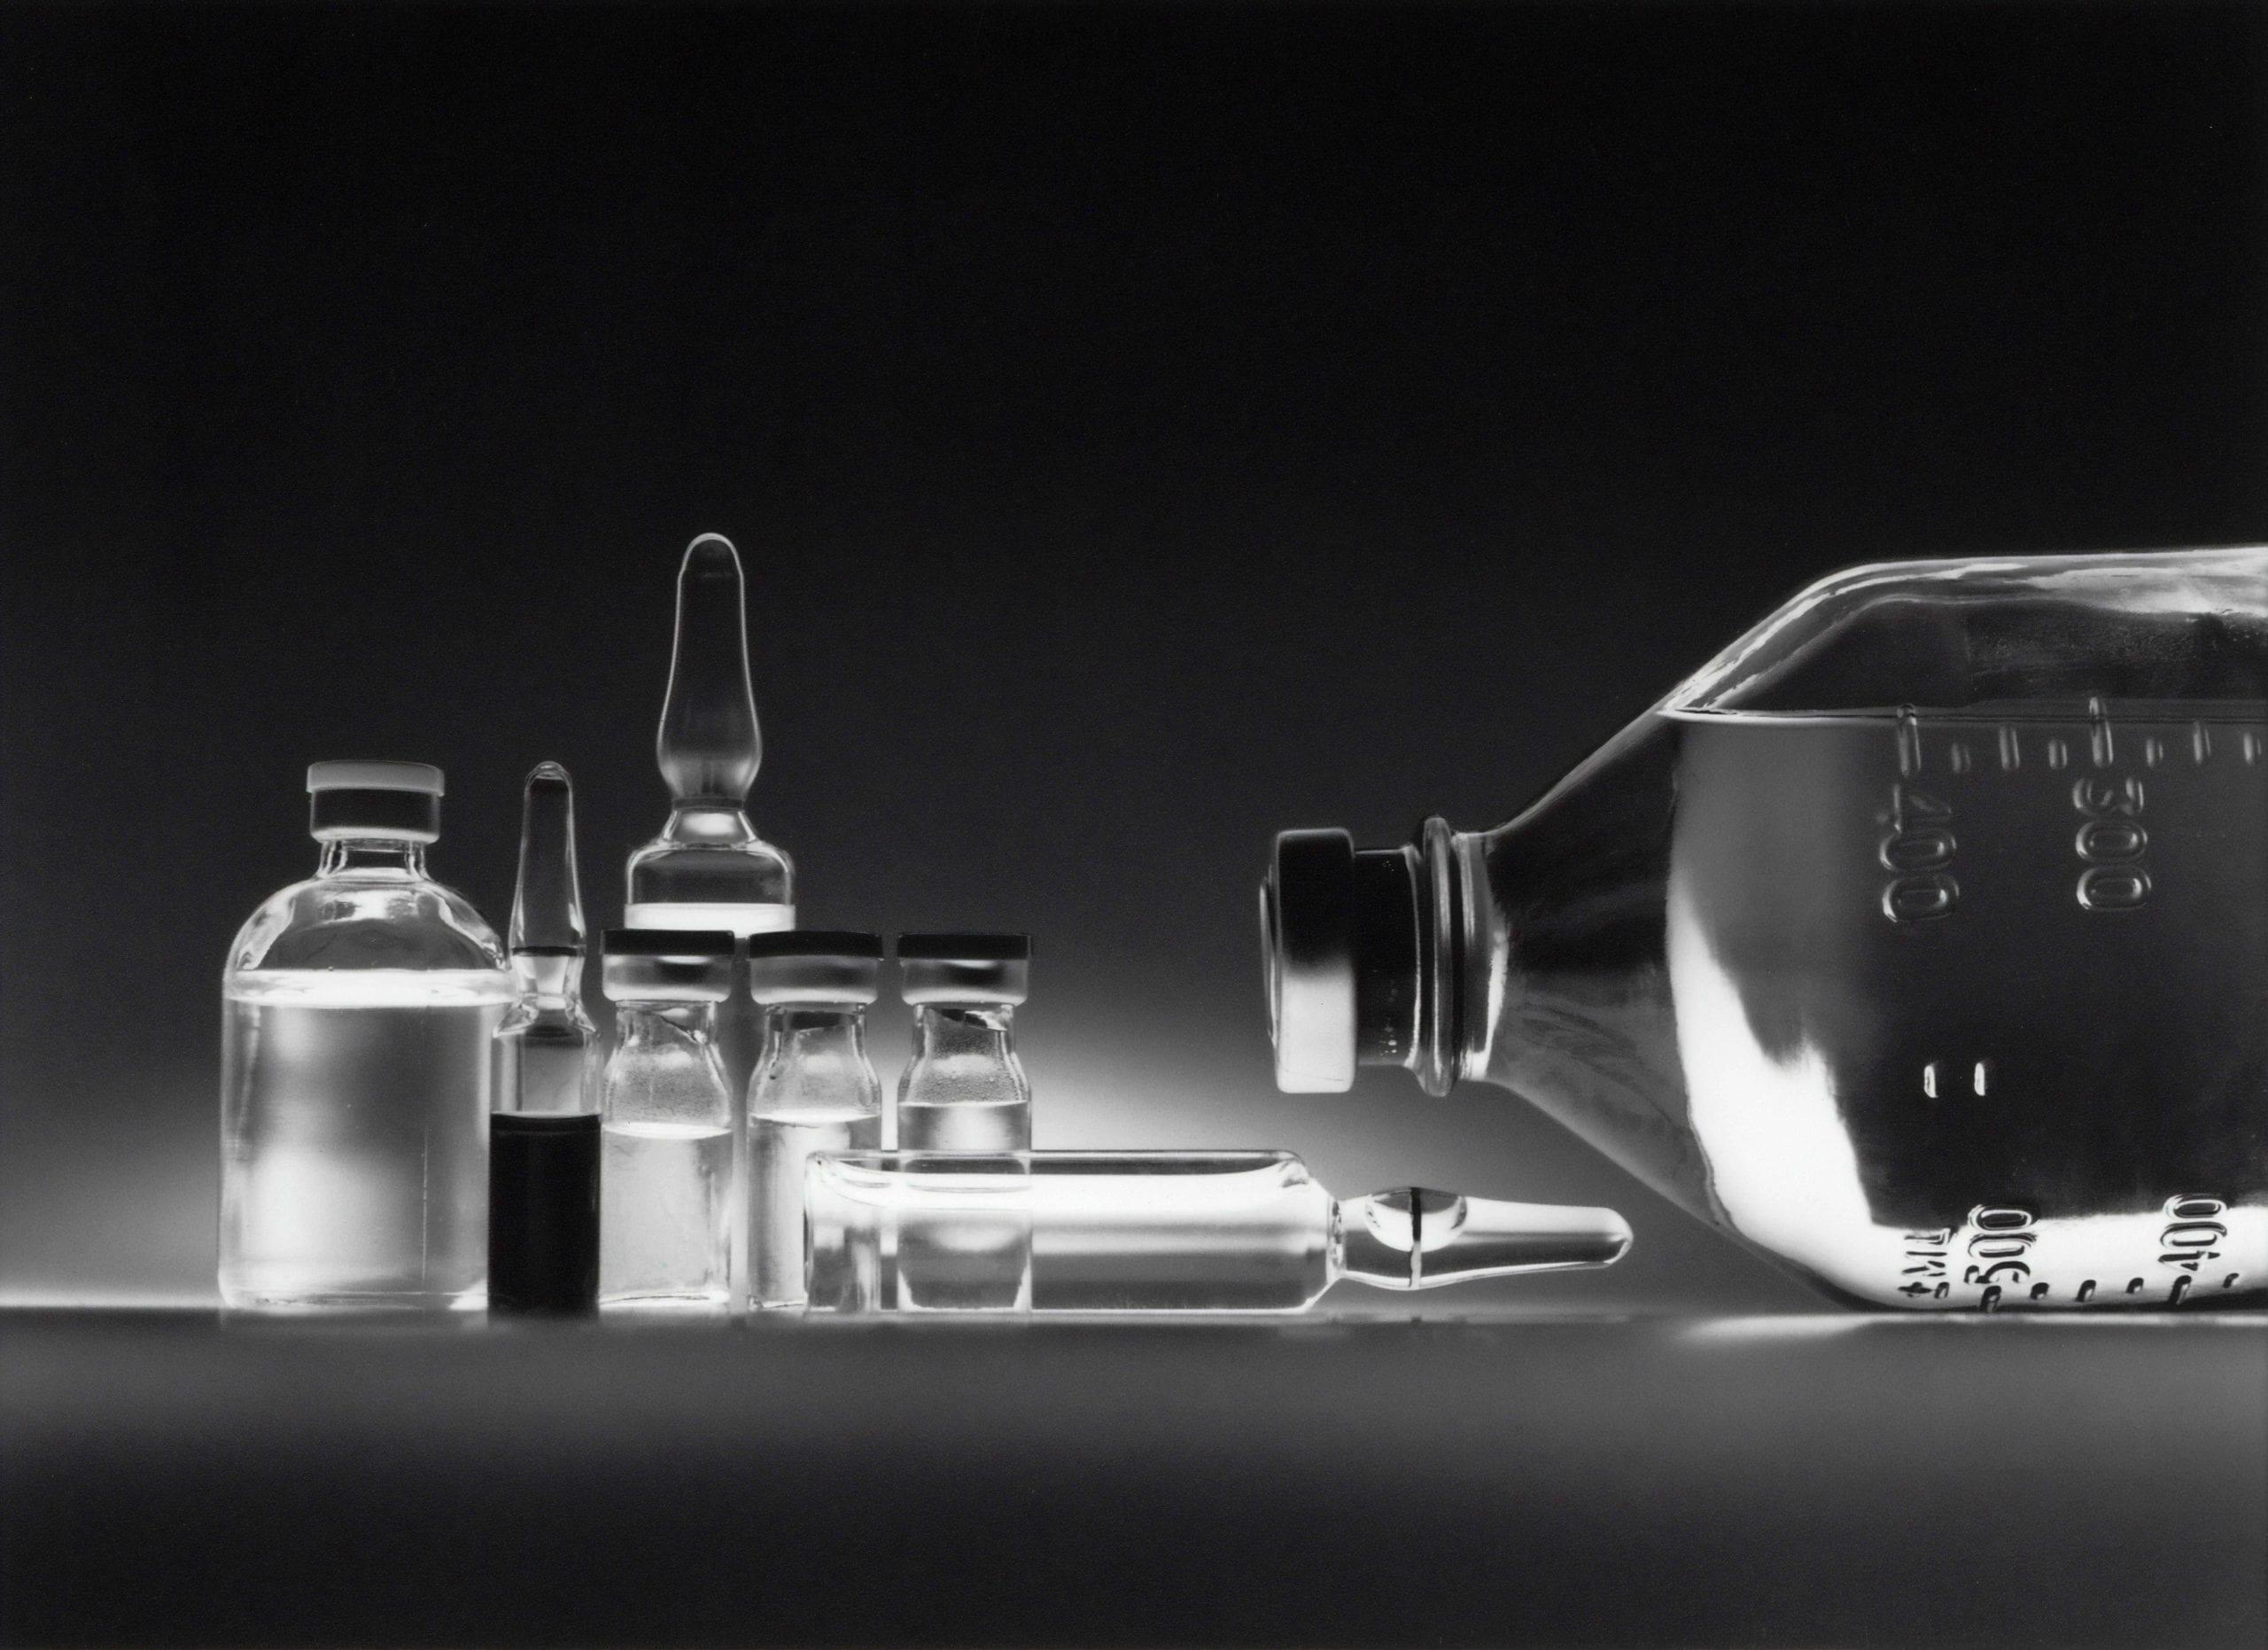 Bottles of medicine